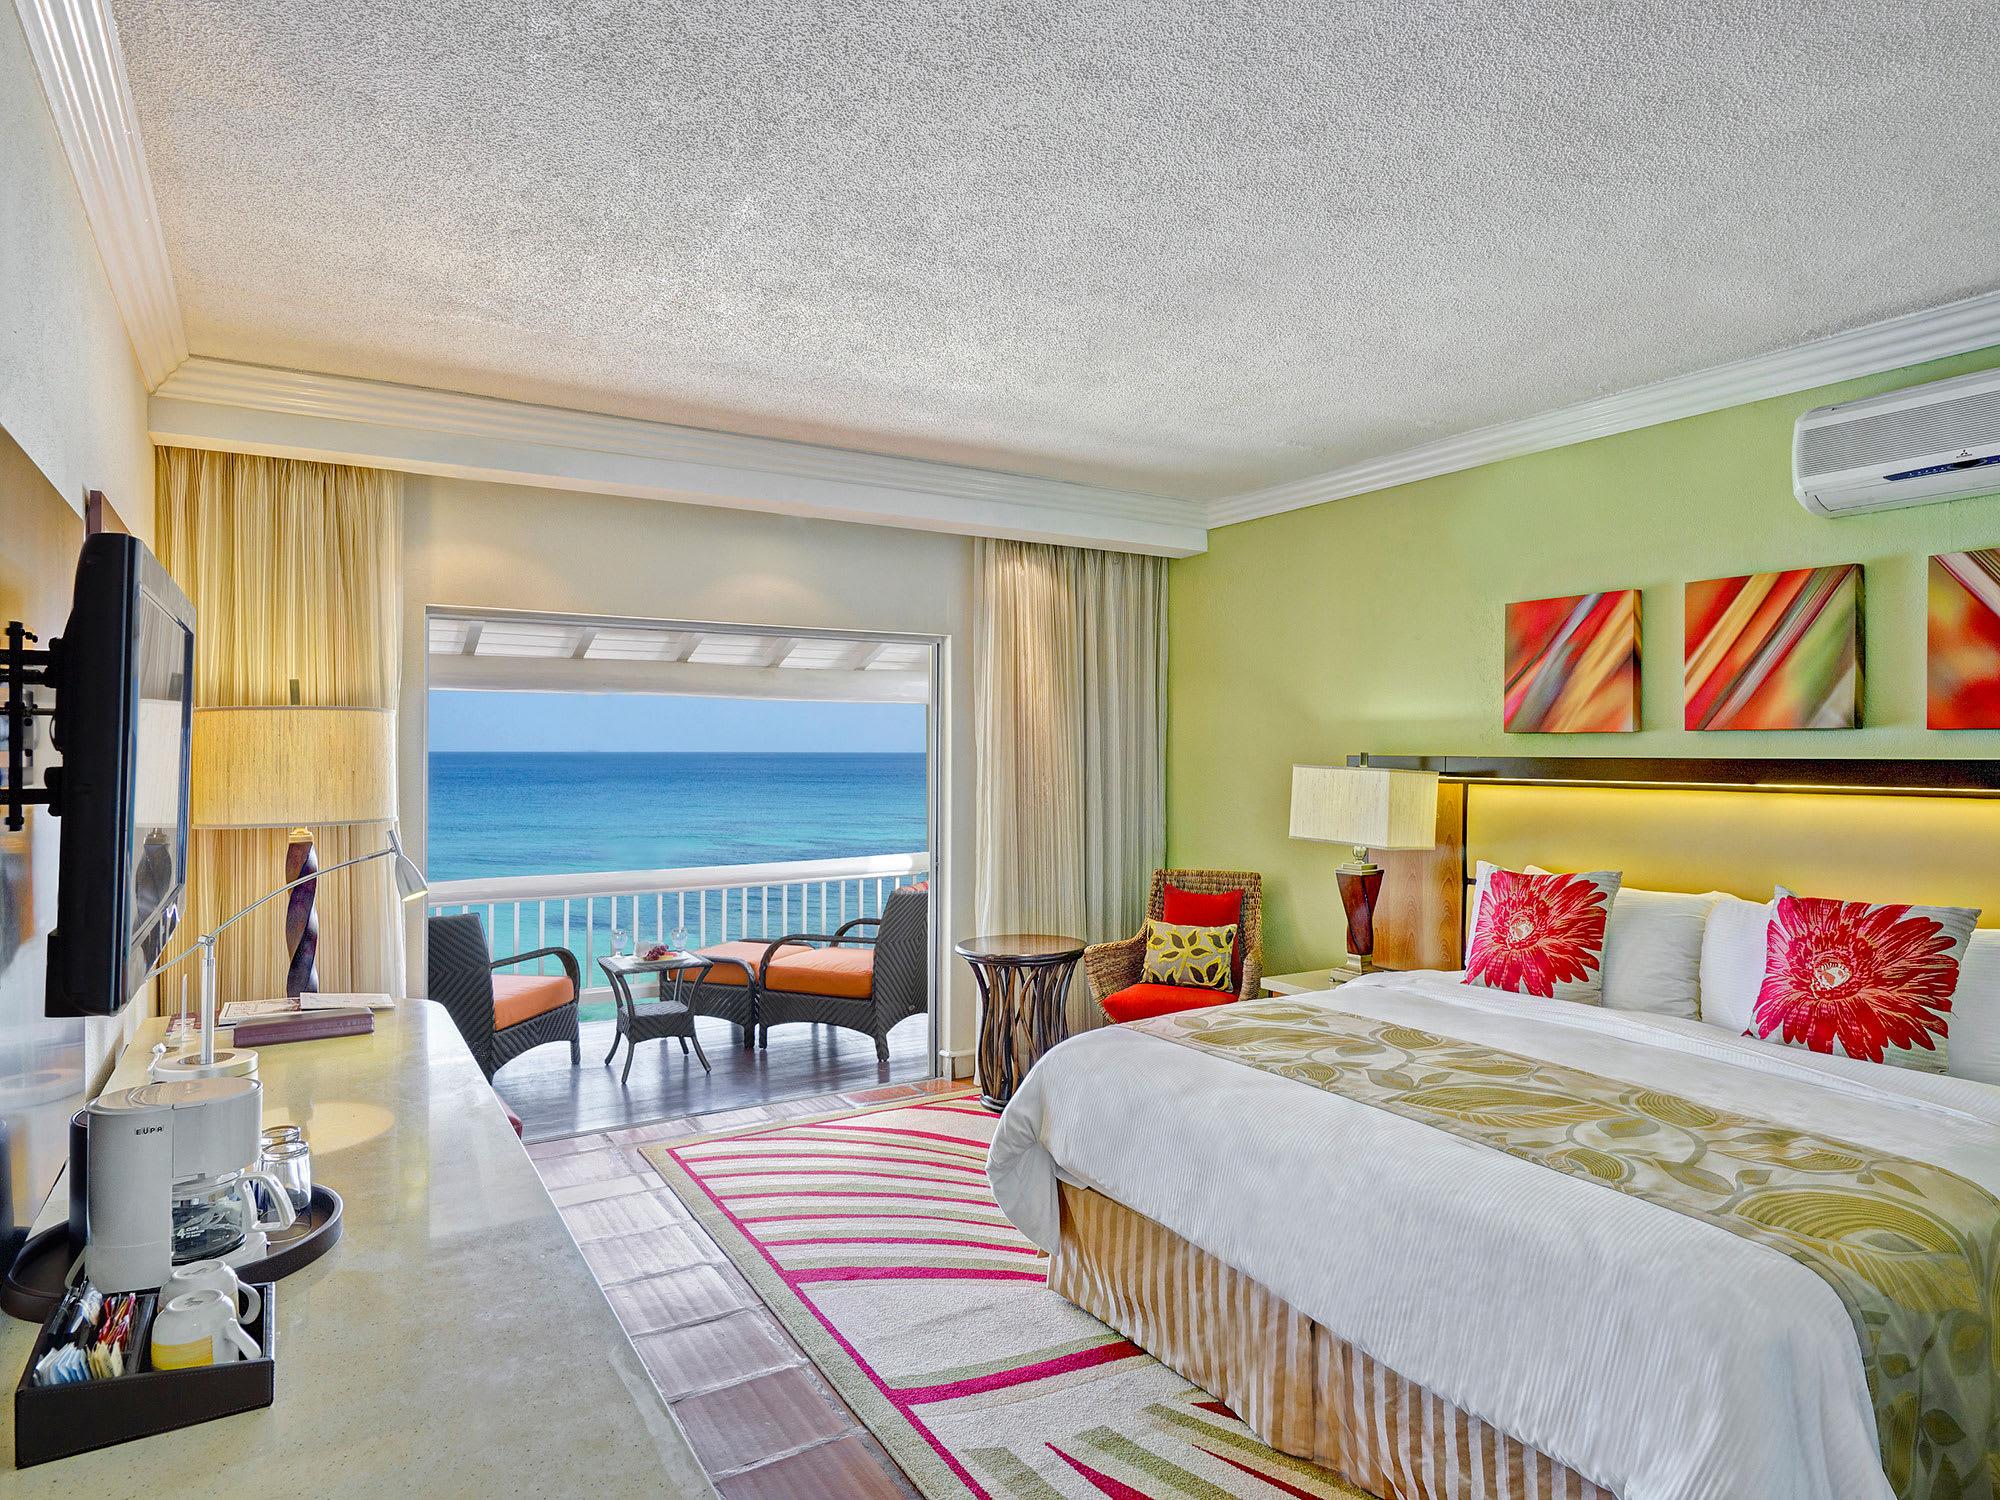 Ocean front room and amenities